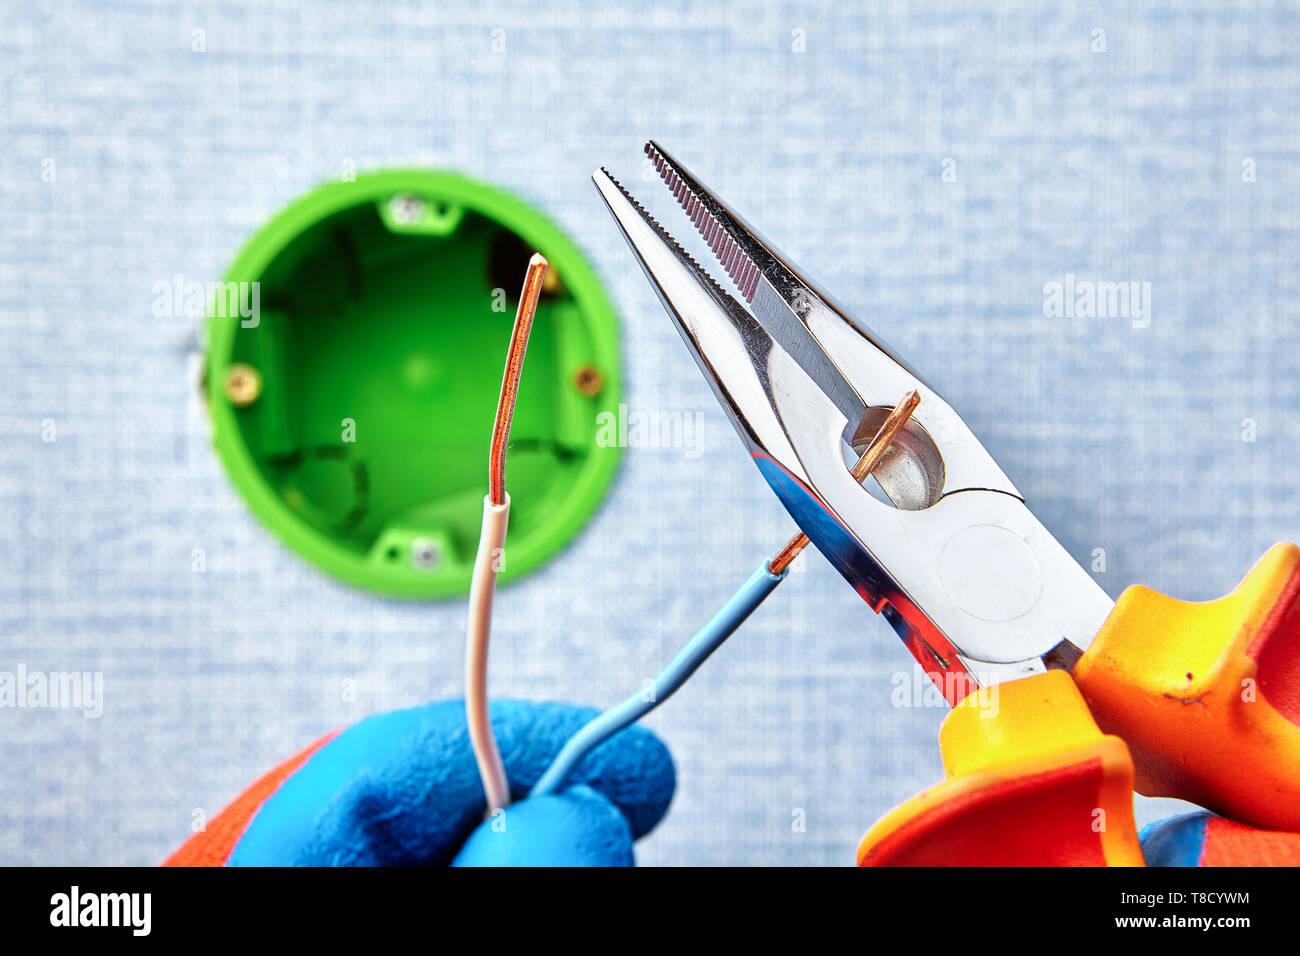 Worker ist Schneiden von Kupfer Verkabelung mit einer Schnabelzange während der Montage runde elektrische Feld, elektrische Arbeit. Stockbild